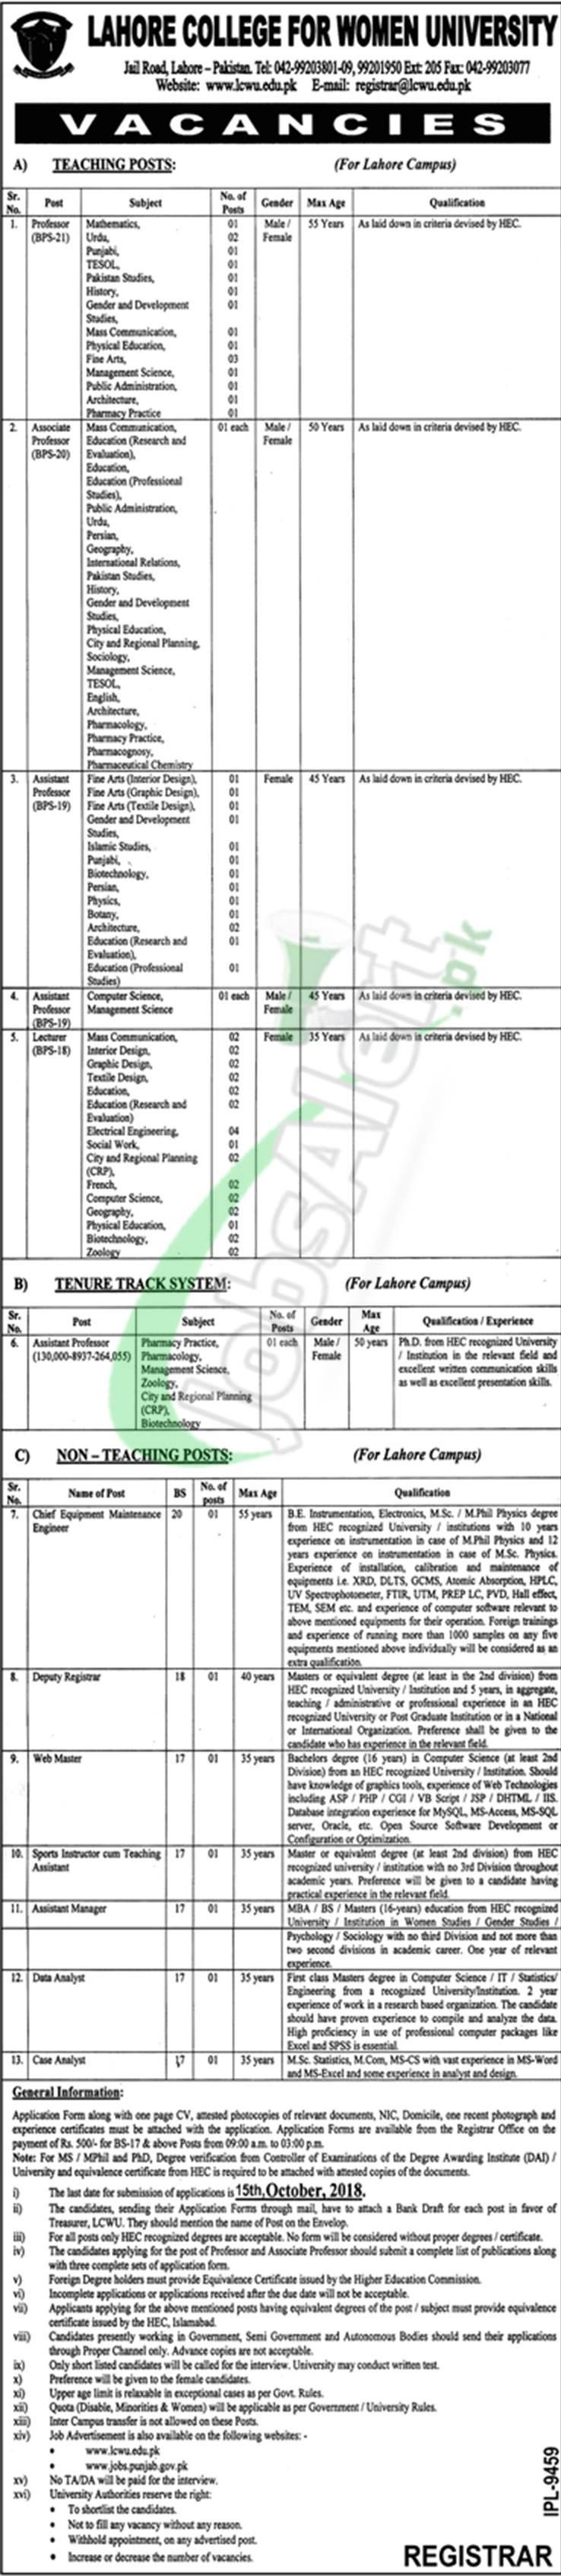 LCWU Jobs